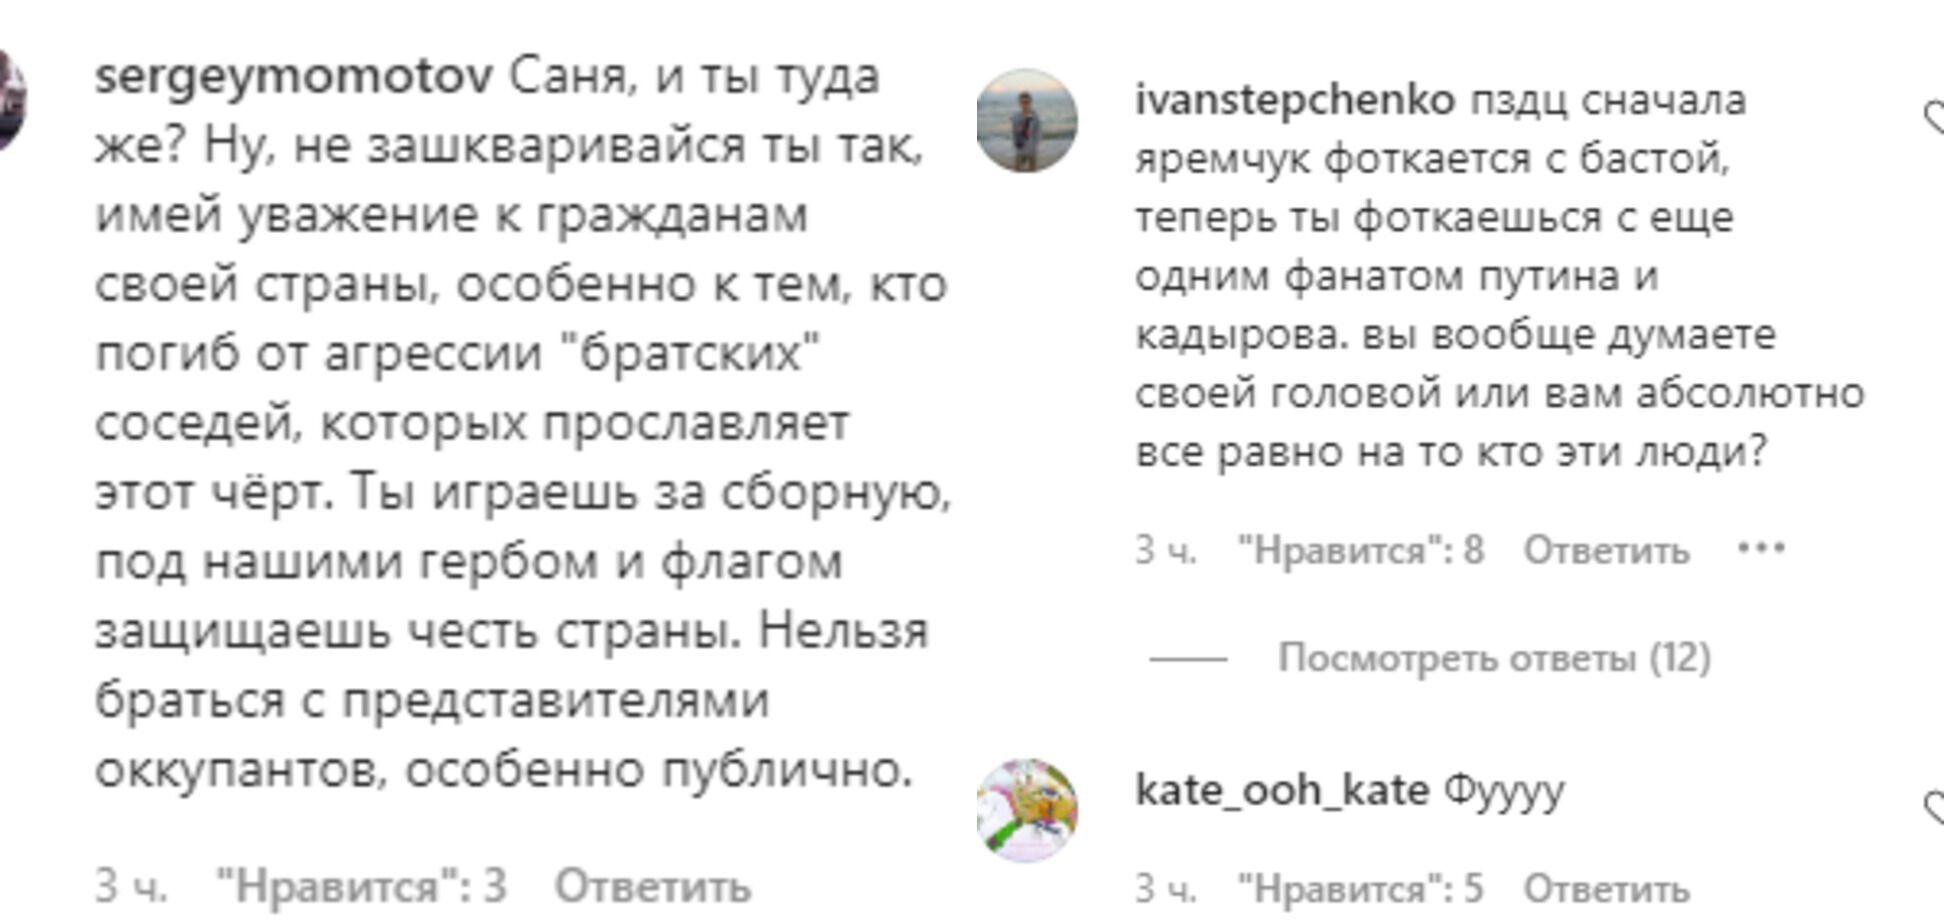 Зинченко отметился неоднозначным поступком